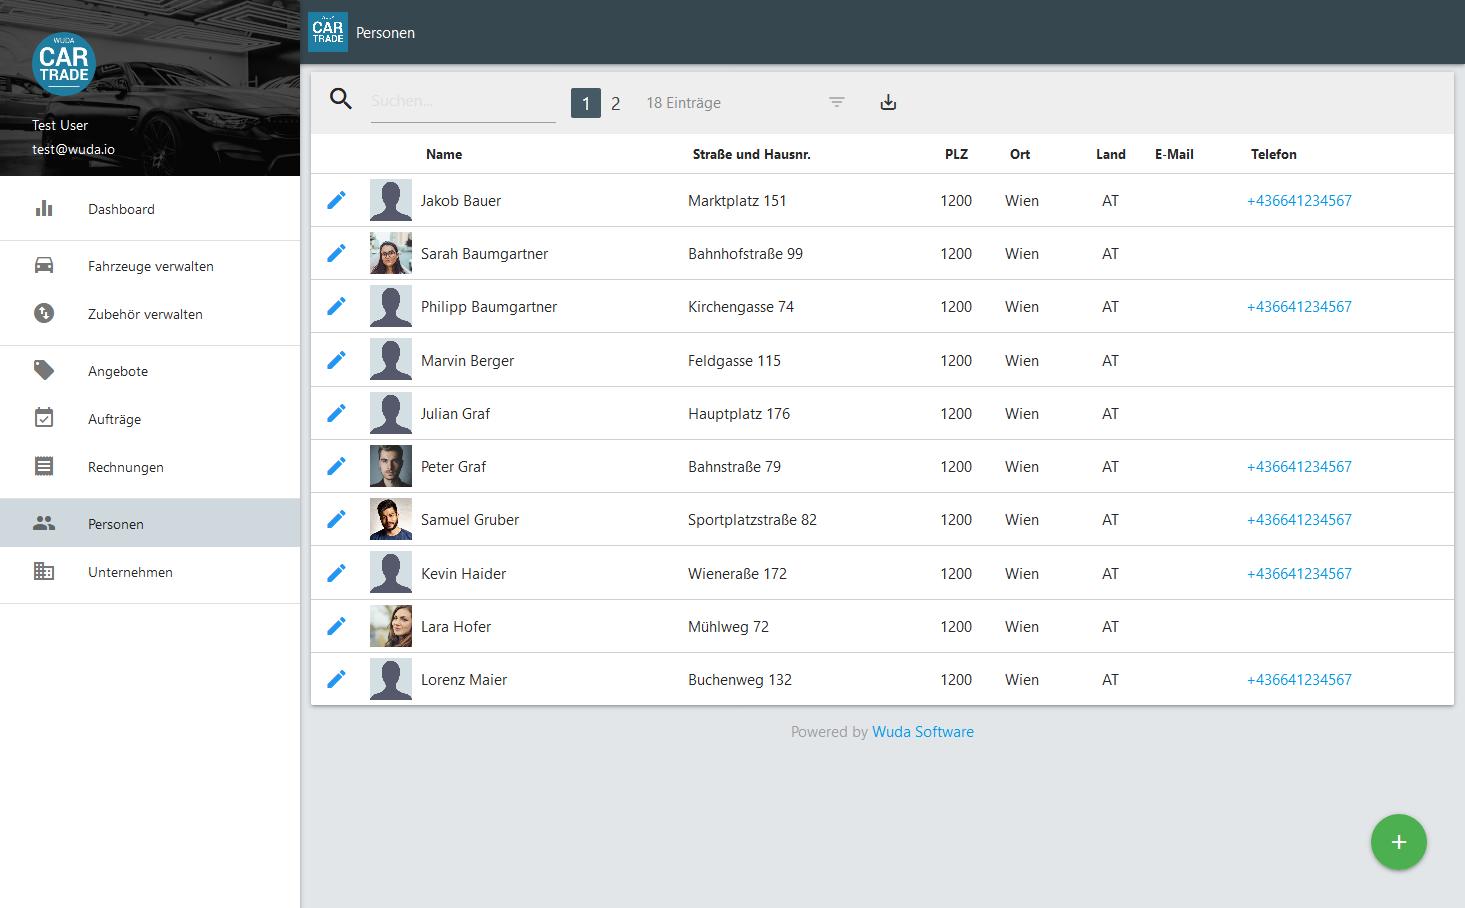 Screenshot vom CarTrade Dahboard